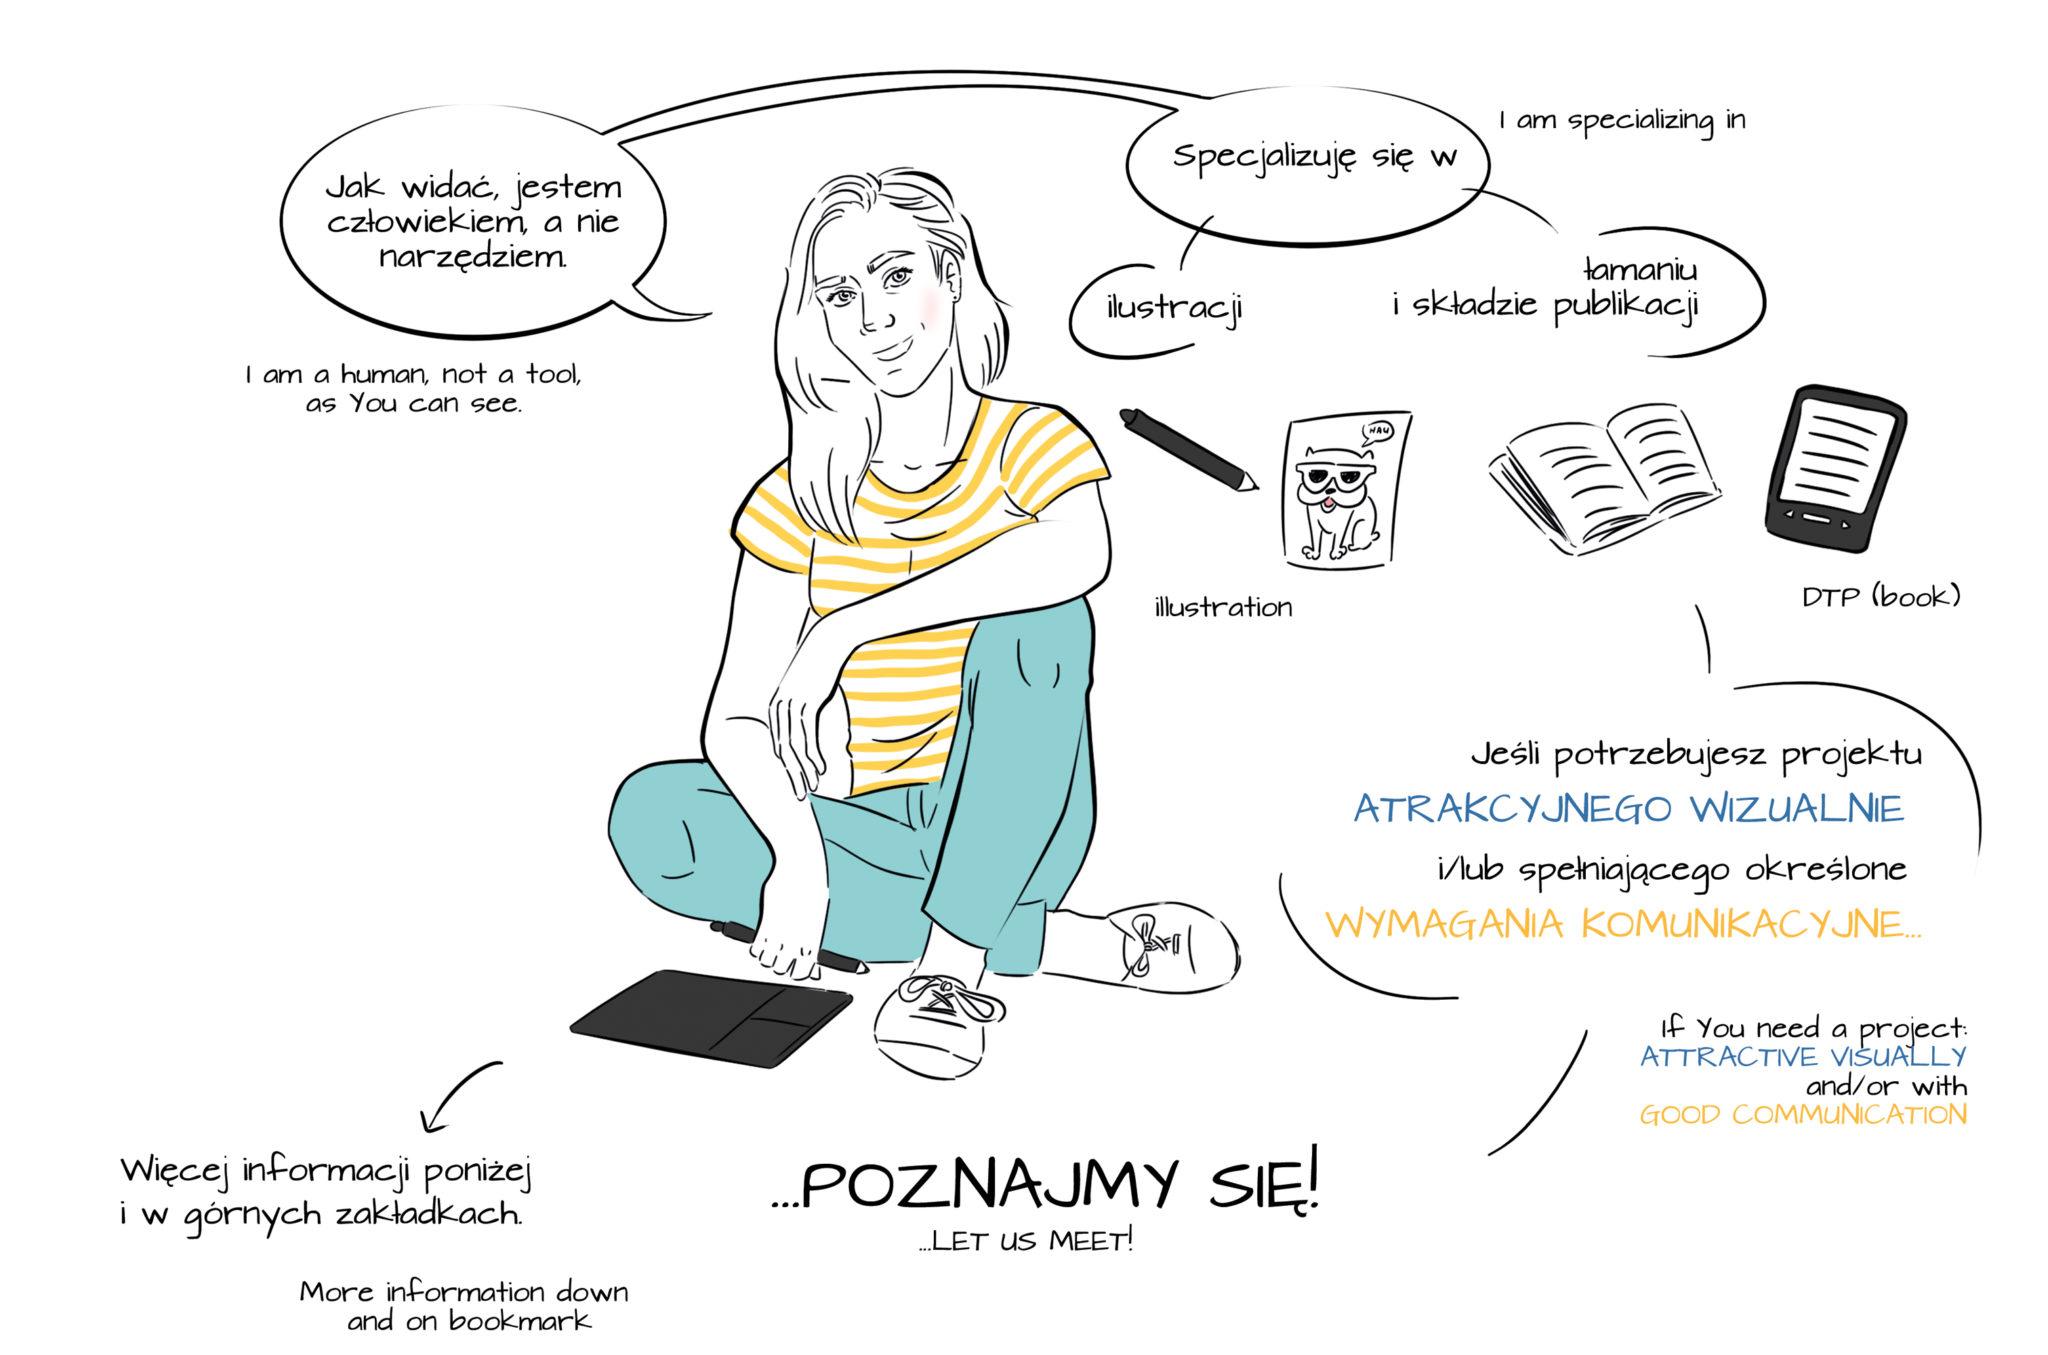 Ilustracja: grafik-ilustrator, łamanie, skład tekstu